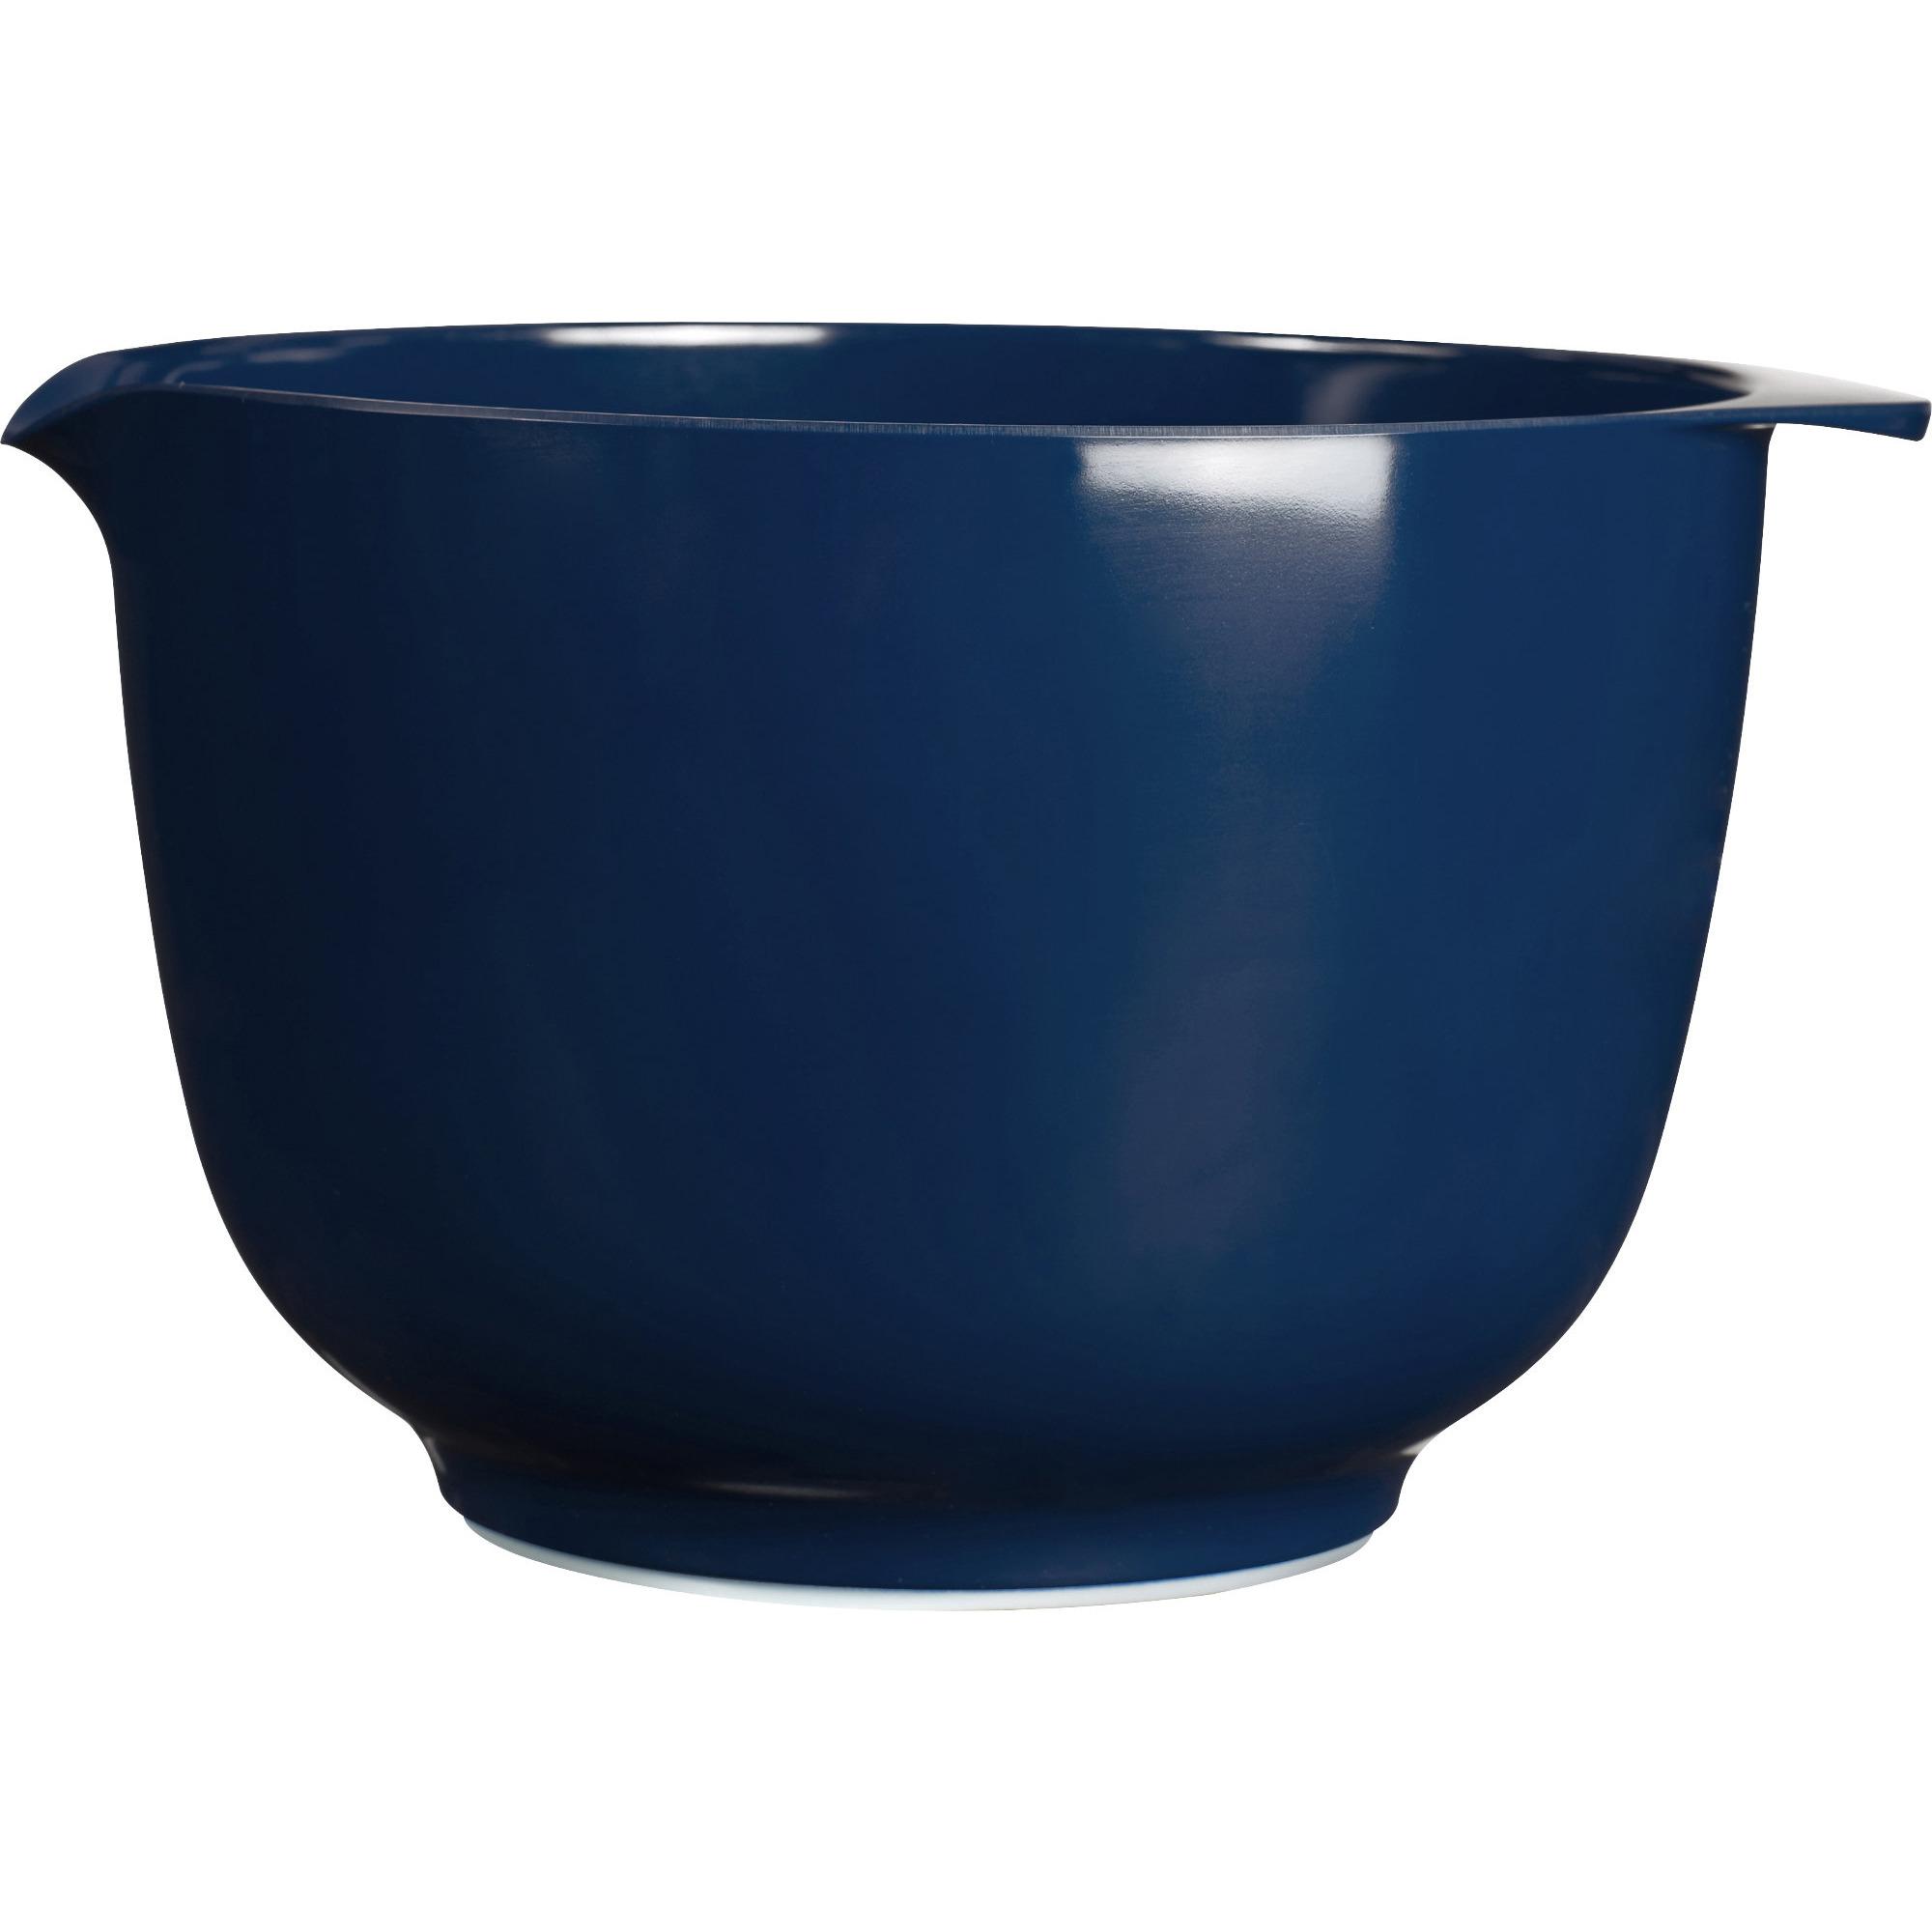 Rosti Mepal Margrethe Skål 2 L Indigo Blue